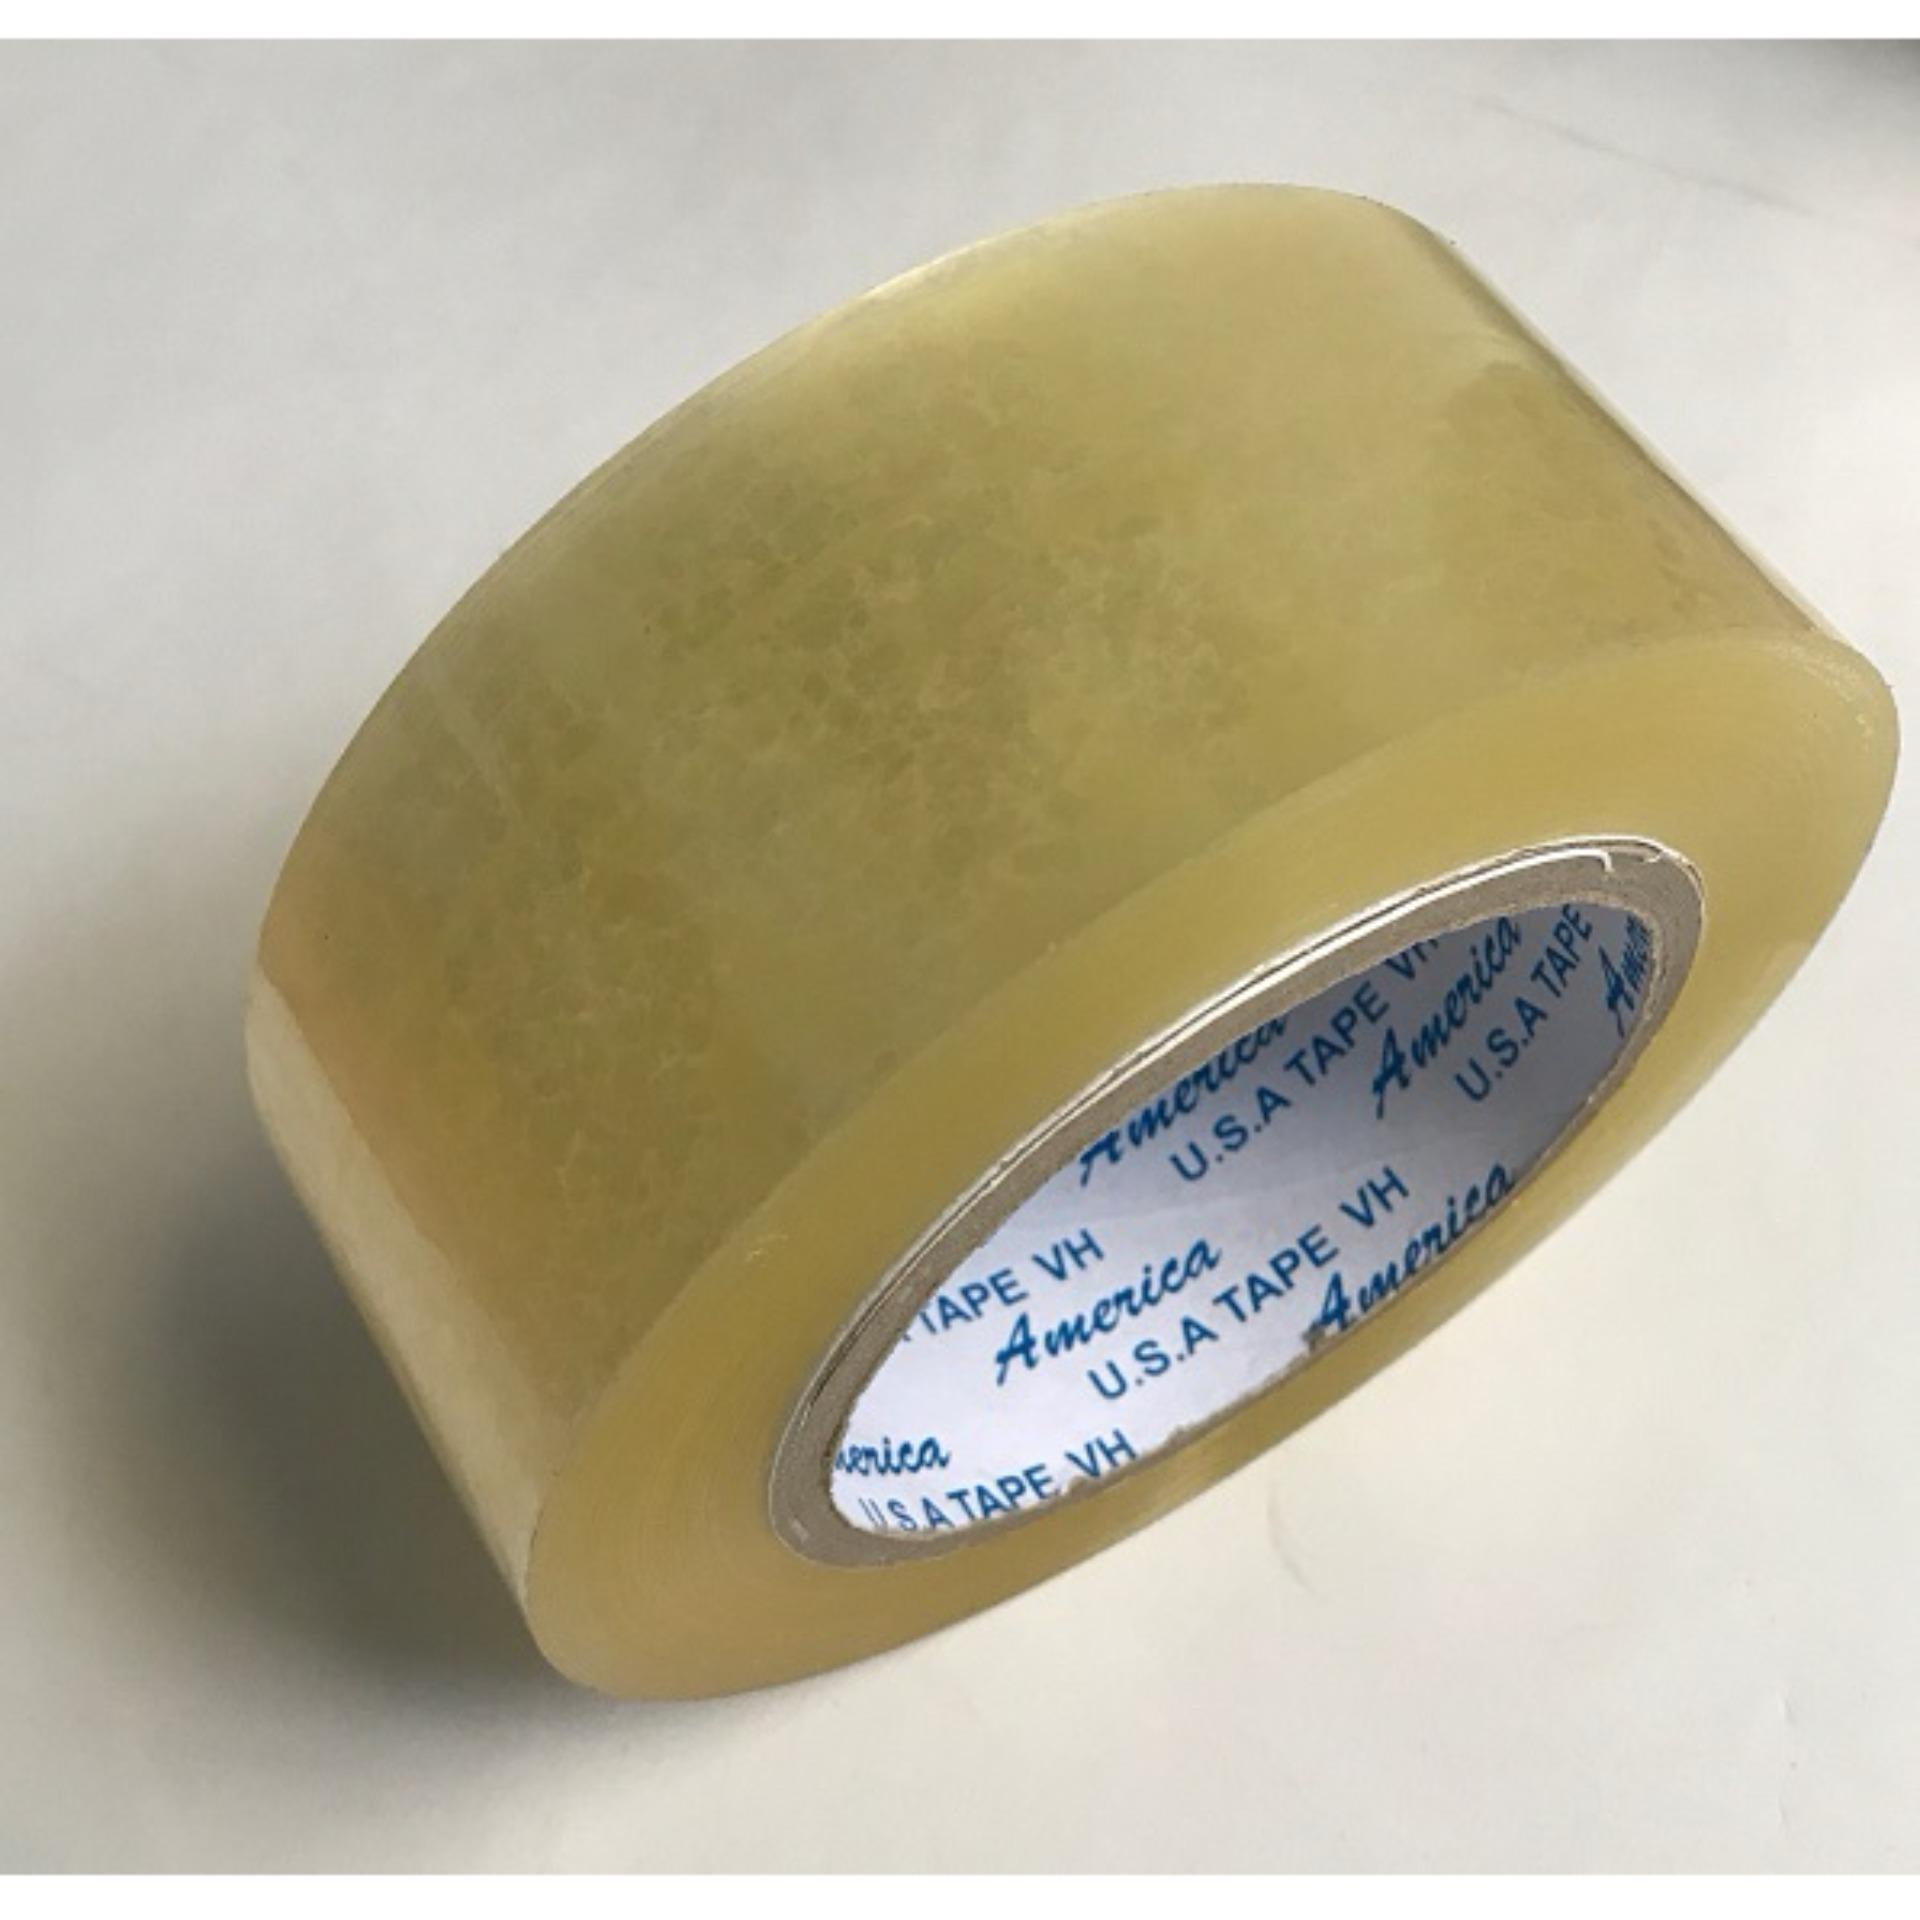 Mua 6 Cuộn Băng Keo Dán Thùng Trong (Đục) 200Y, TL 1.8kg/ cây